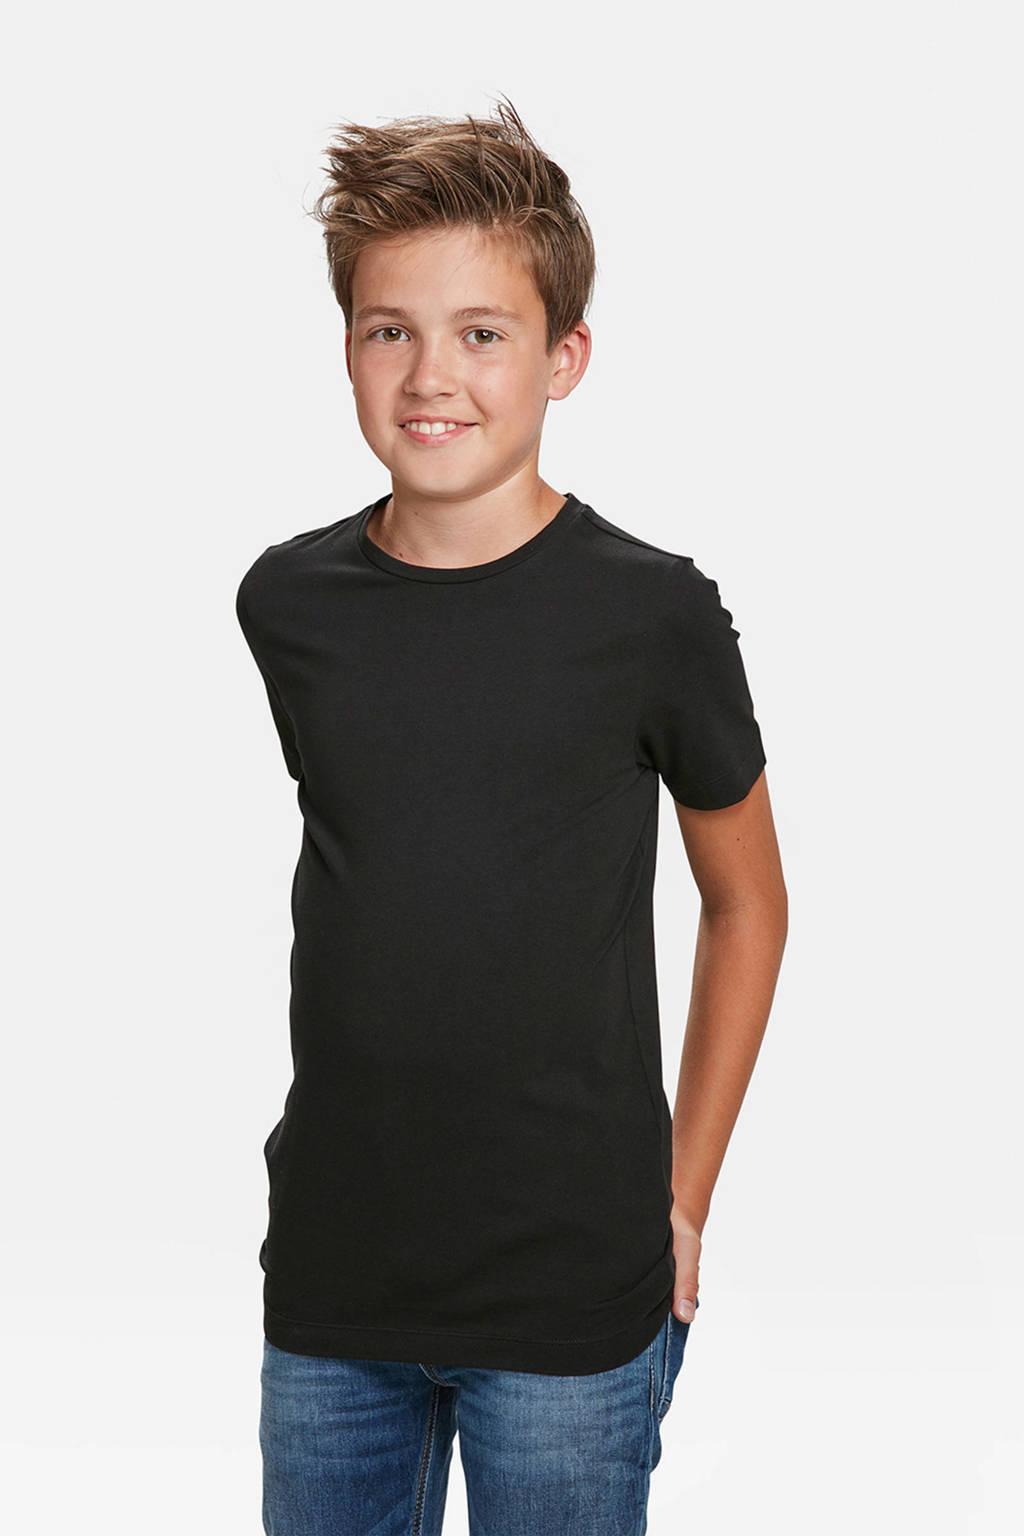 WE Fashion T-shirt - set van 2 zwart, Black Uni